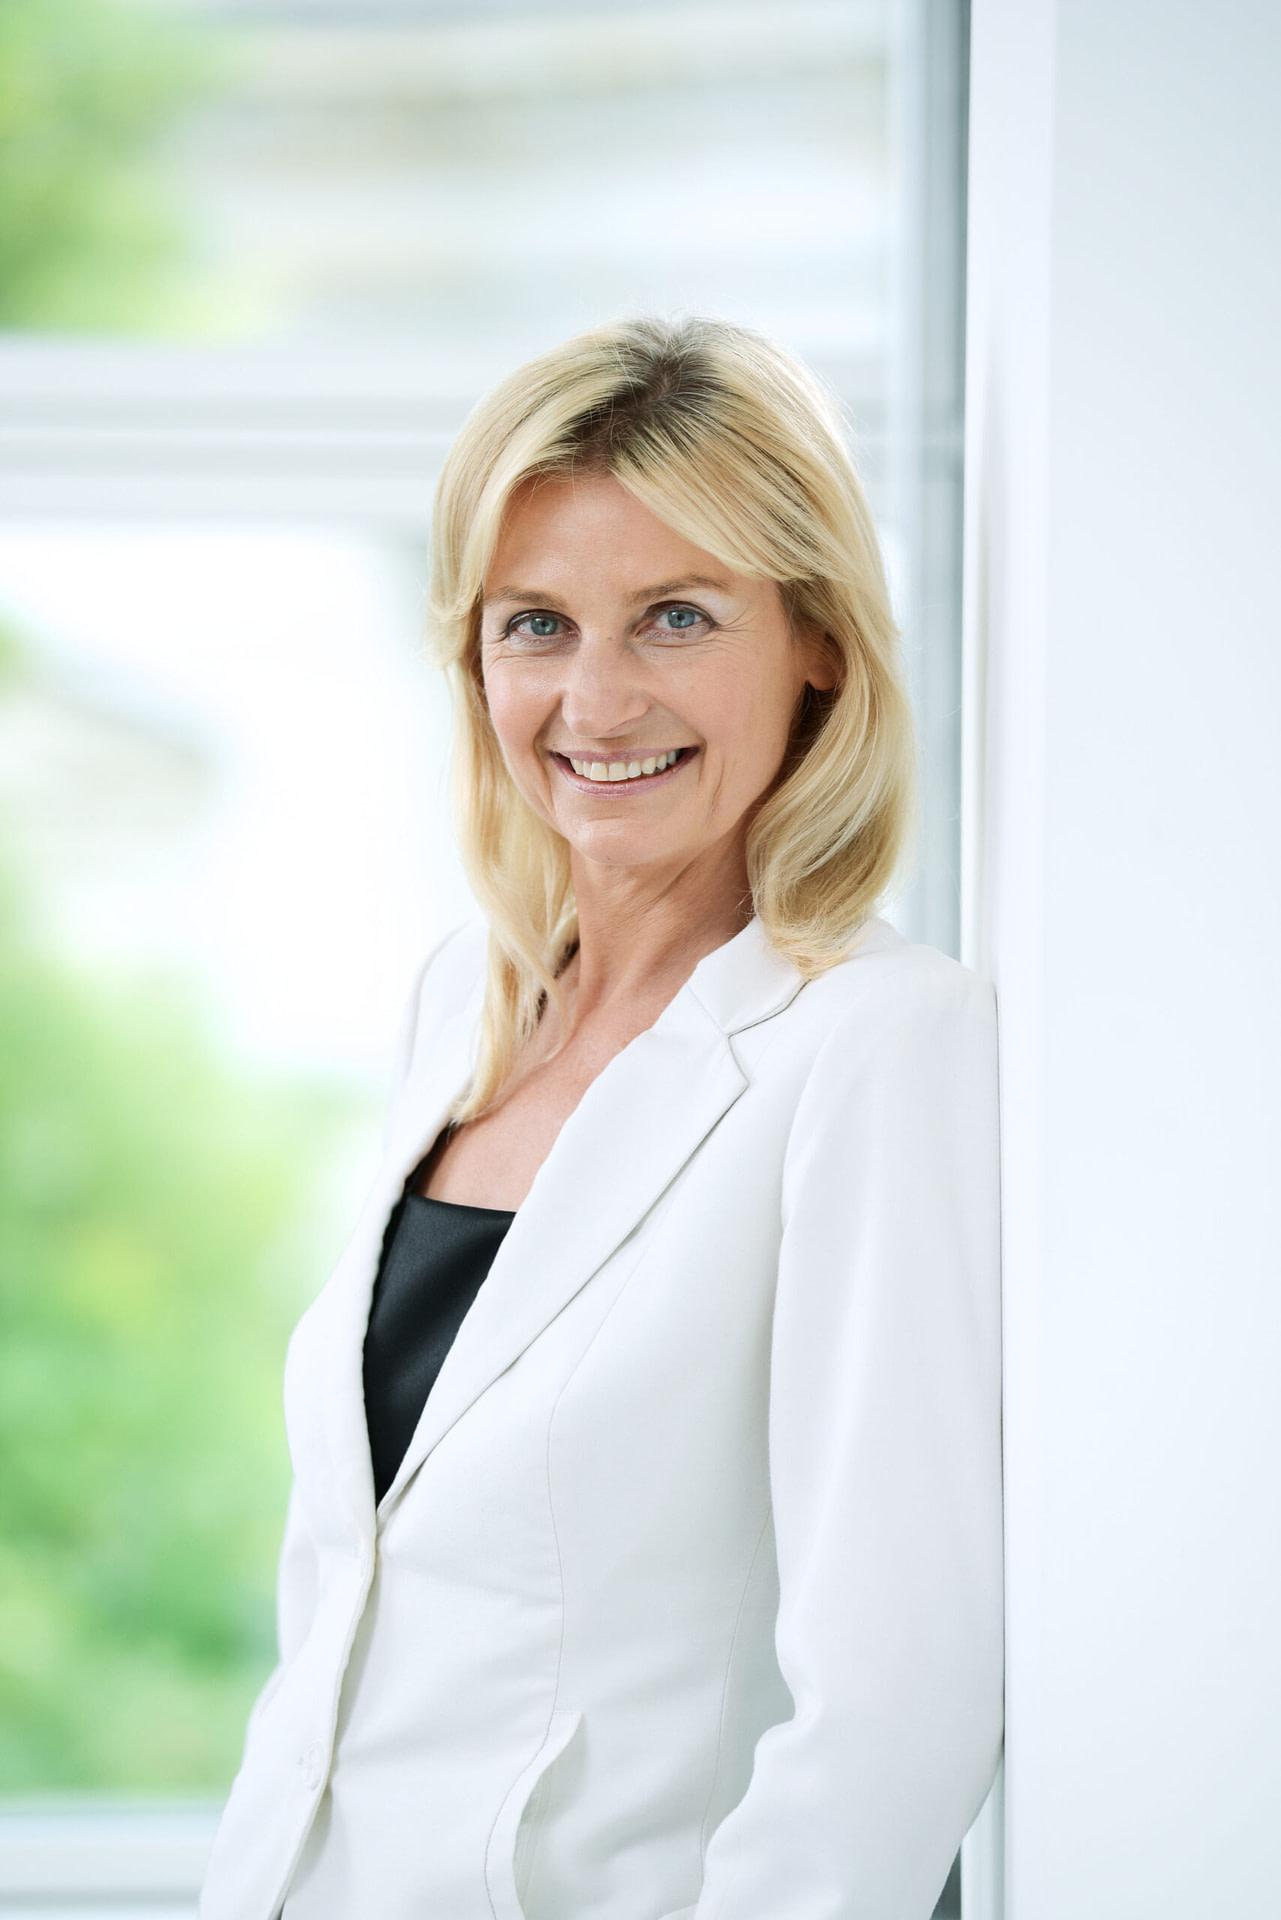 Dr. Maria Reinisch